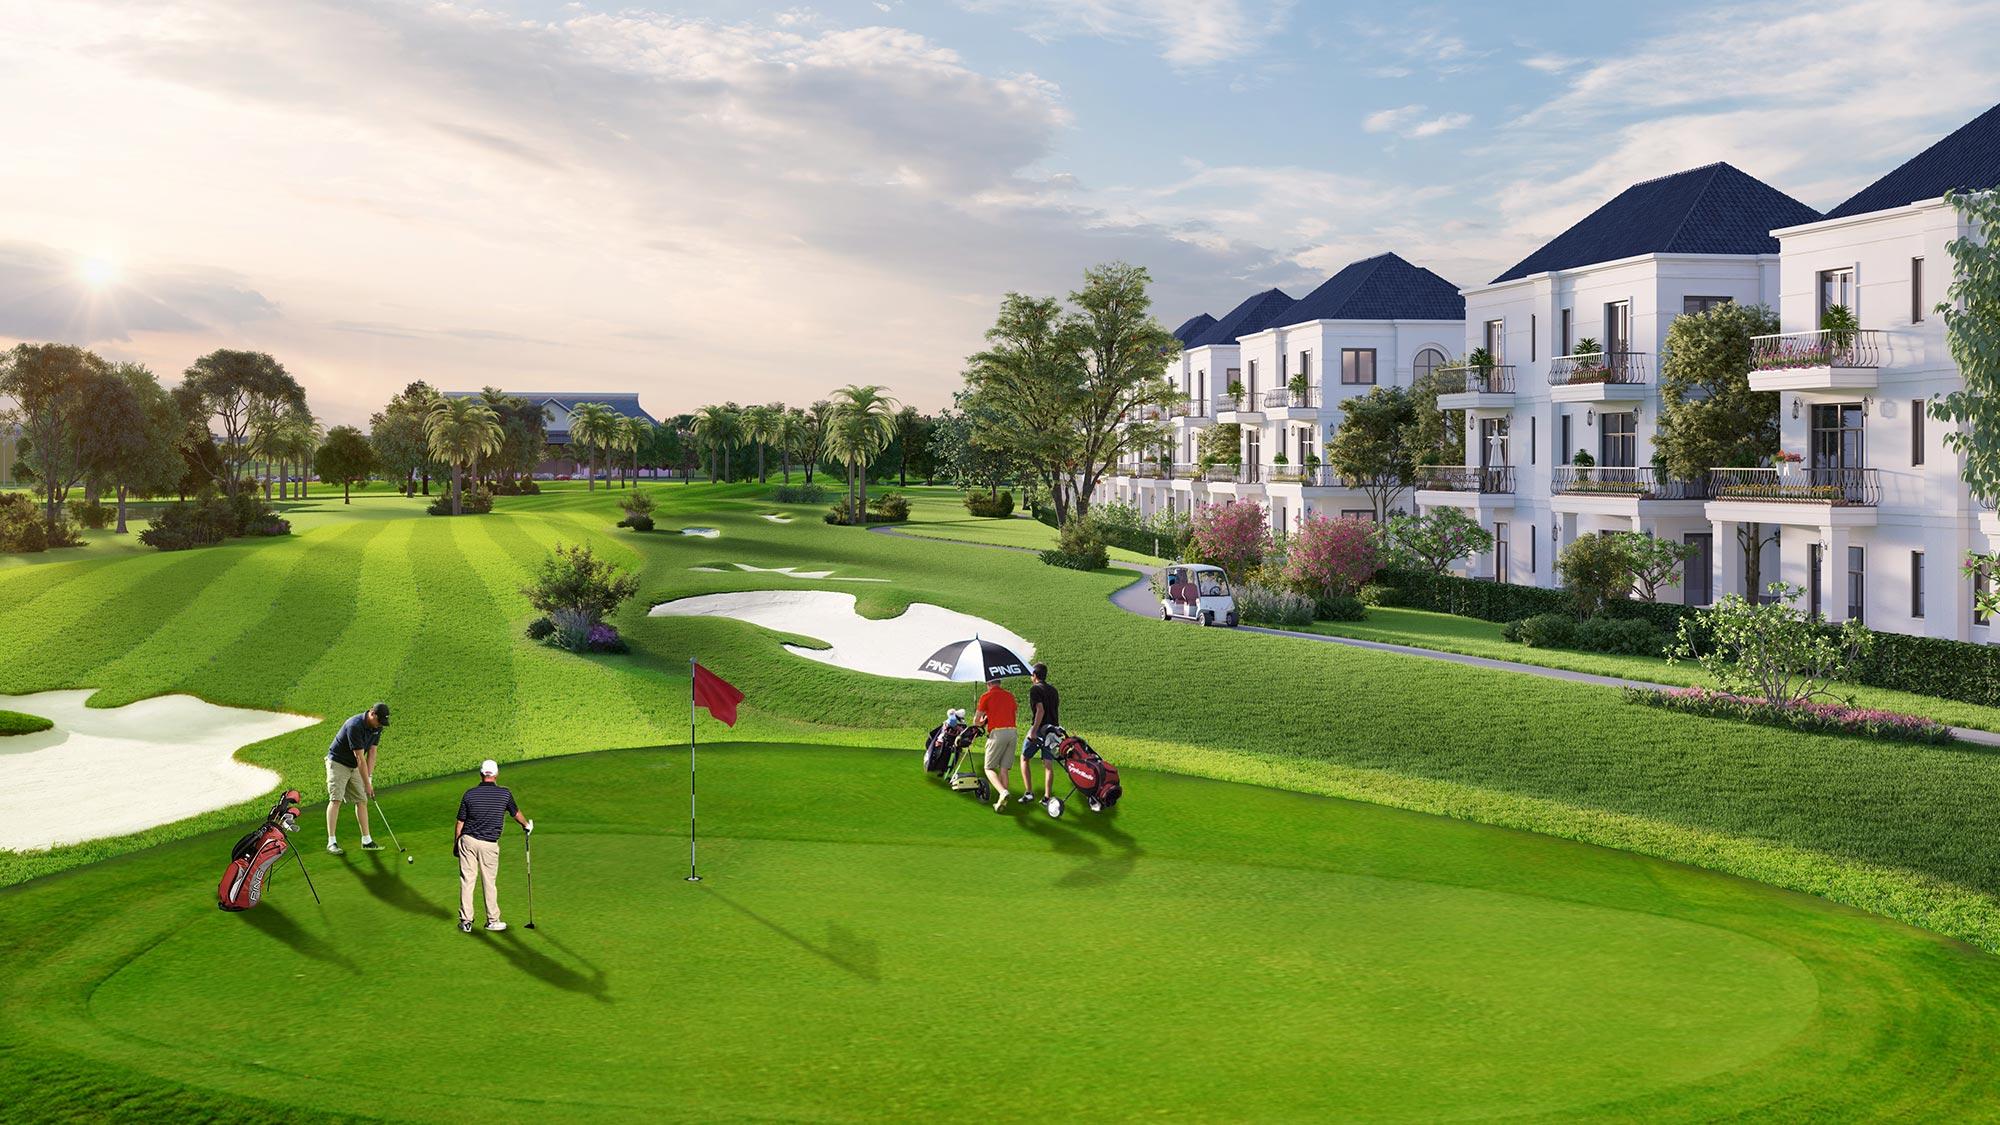 Dự án West lakes golf & villas: đáng đầu tư không?